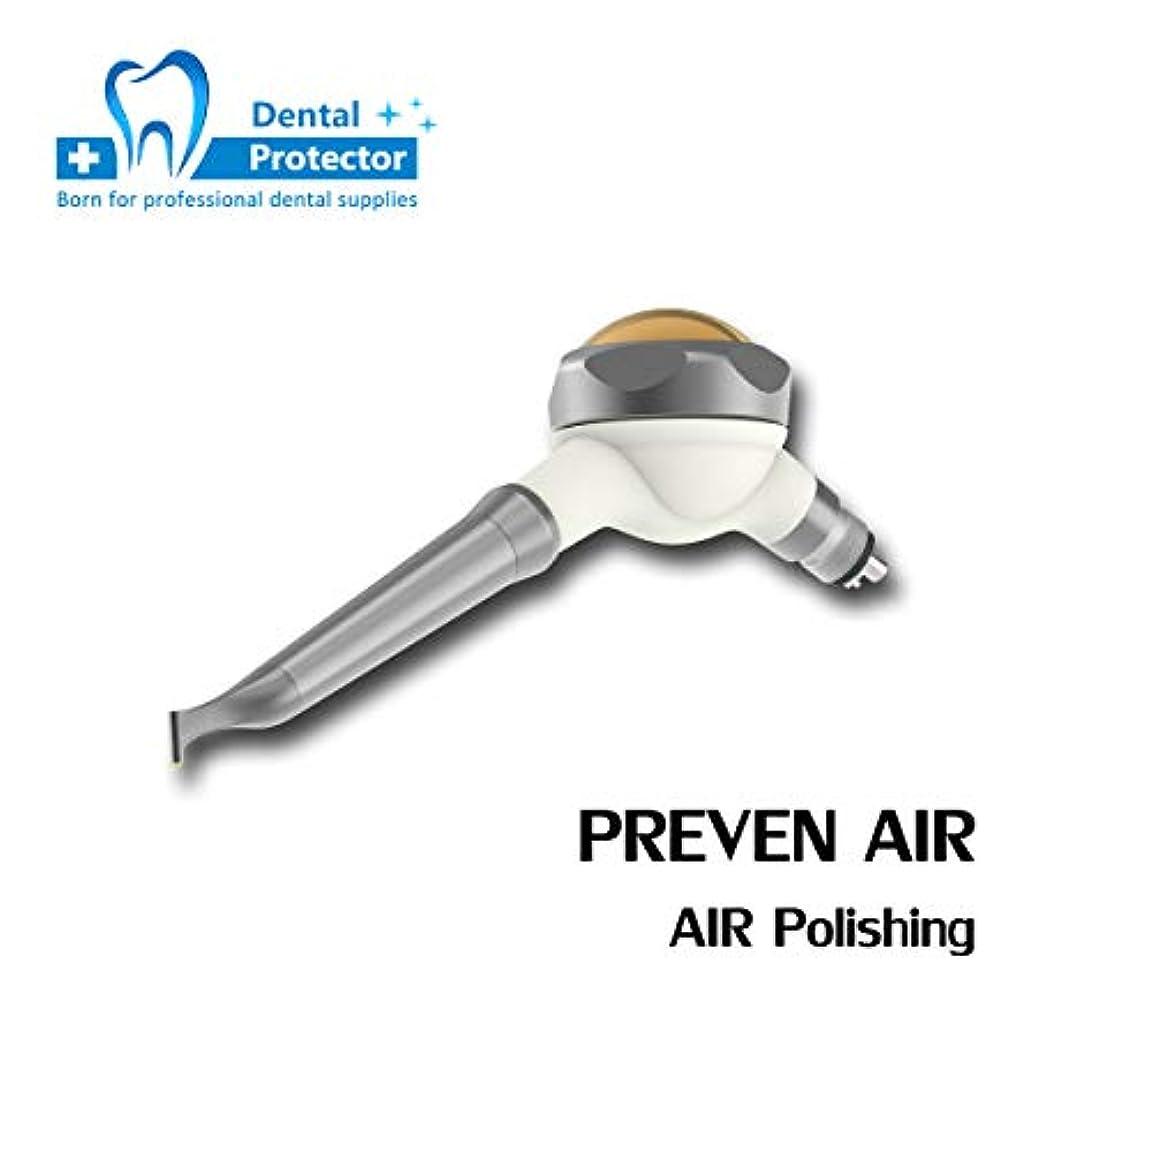 報復する先見の明つまずく歯科のためのKAVO及びM4と互換性がある3H予防的な気流の歯の磨く機械衛生学Prophy